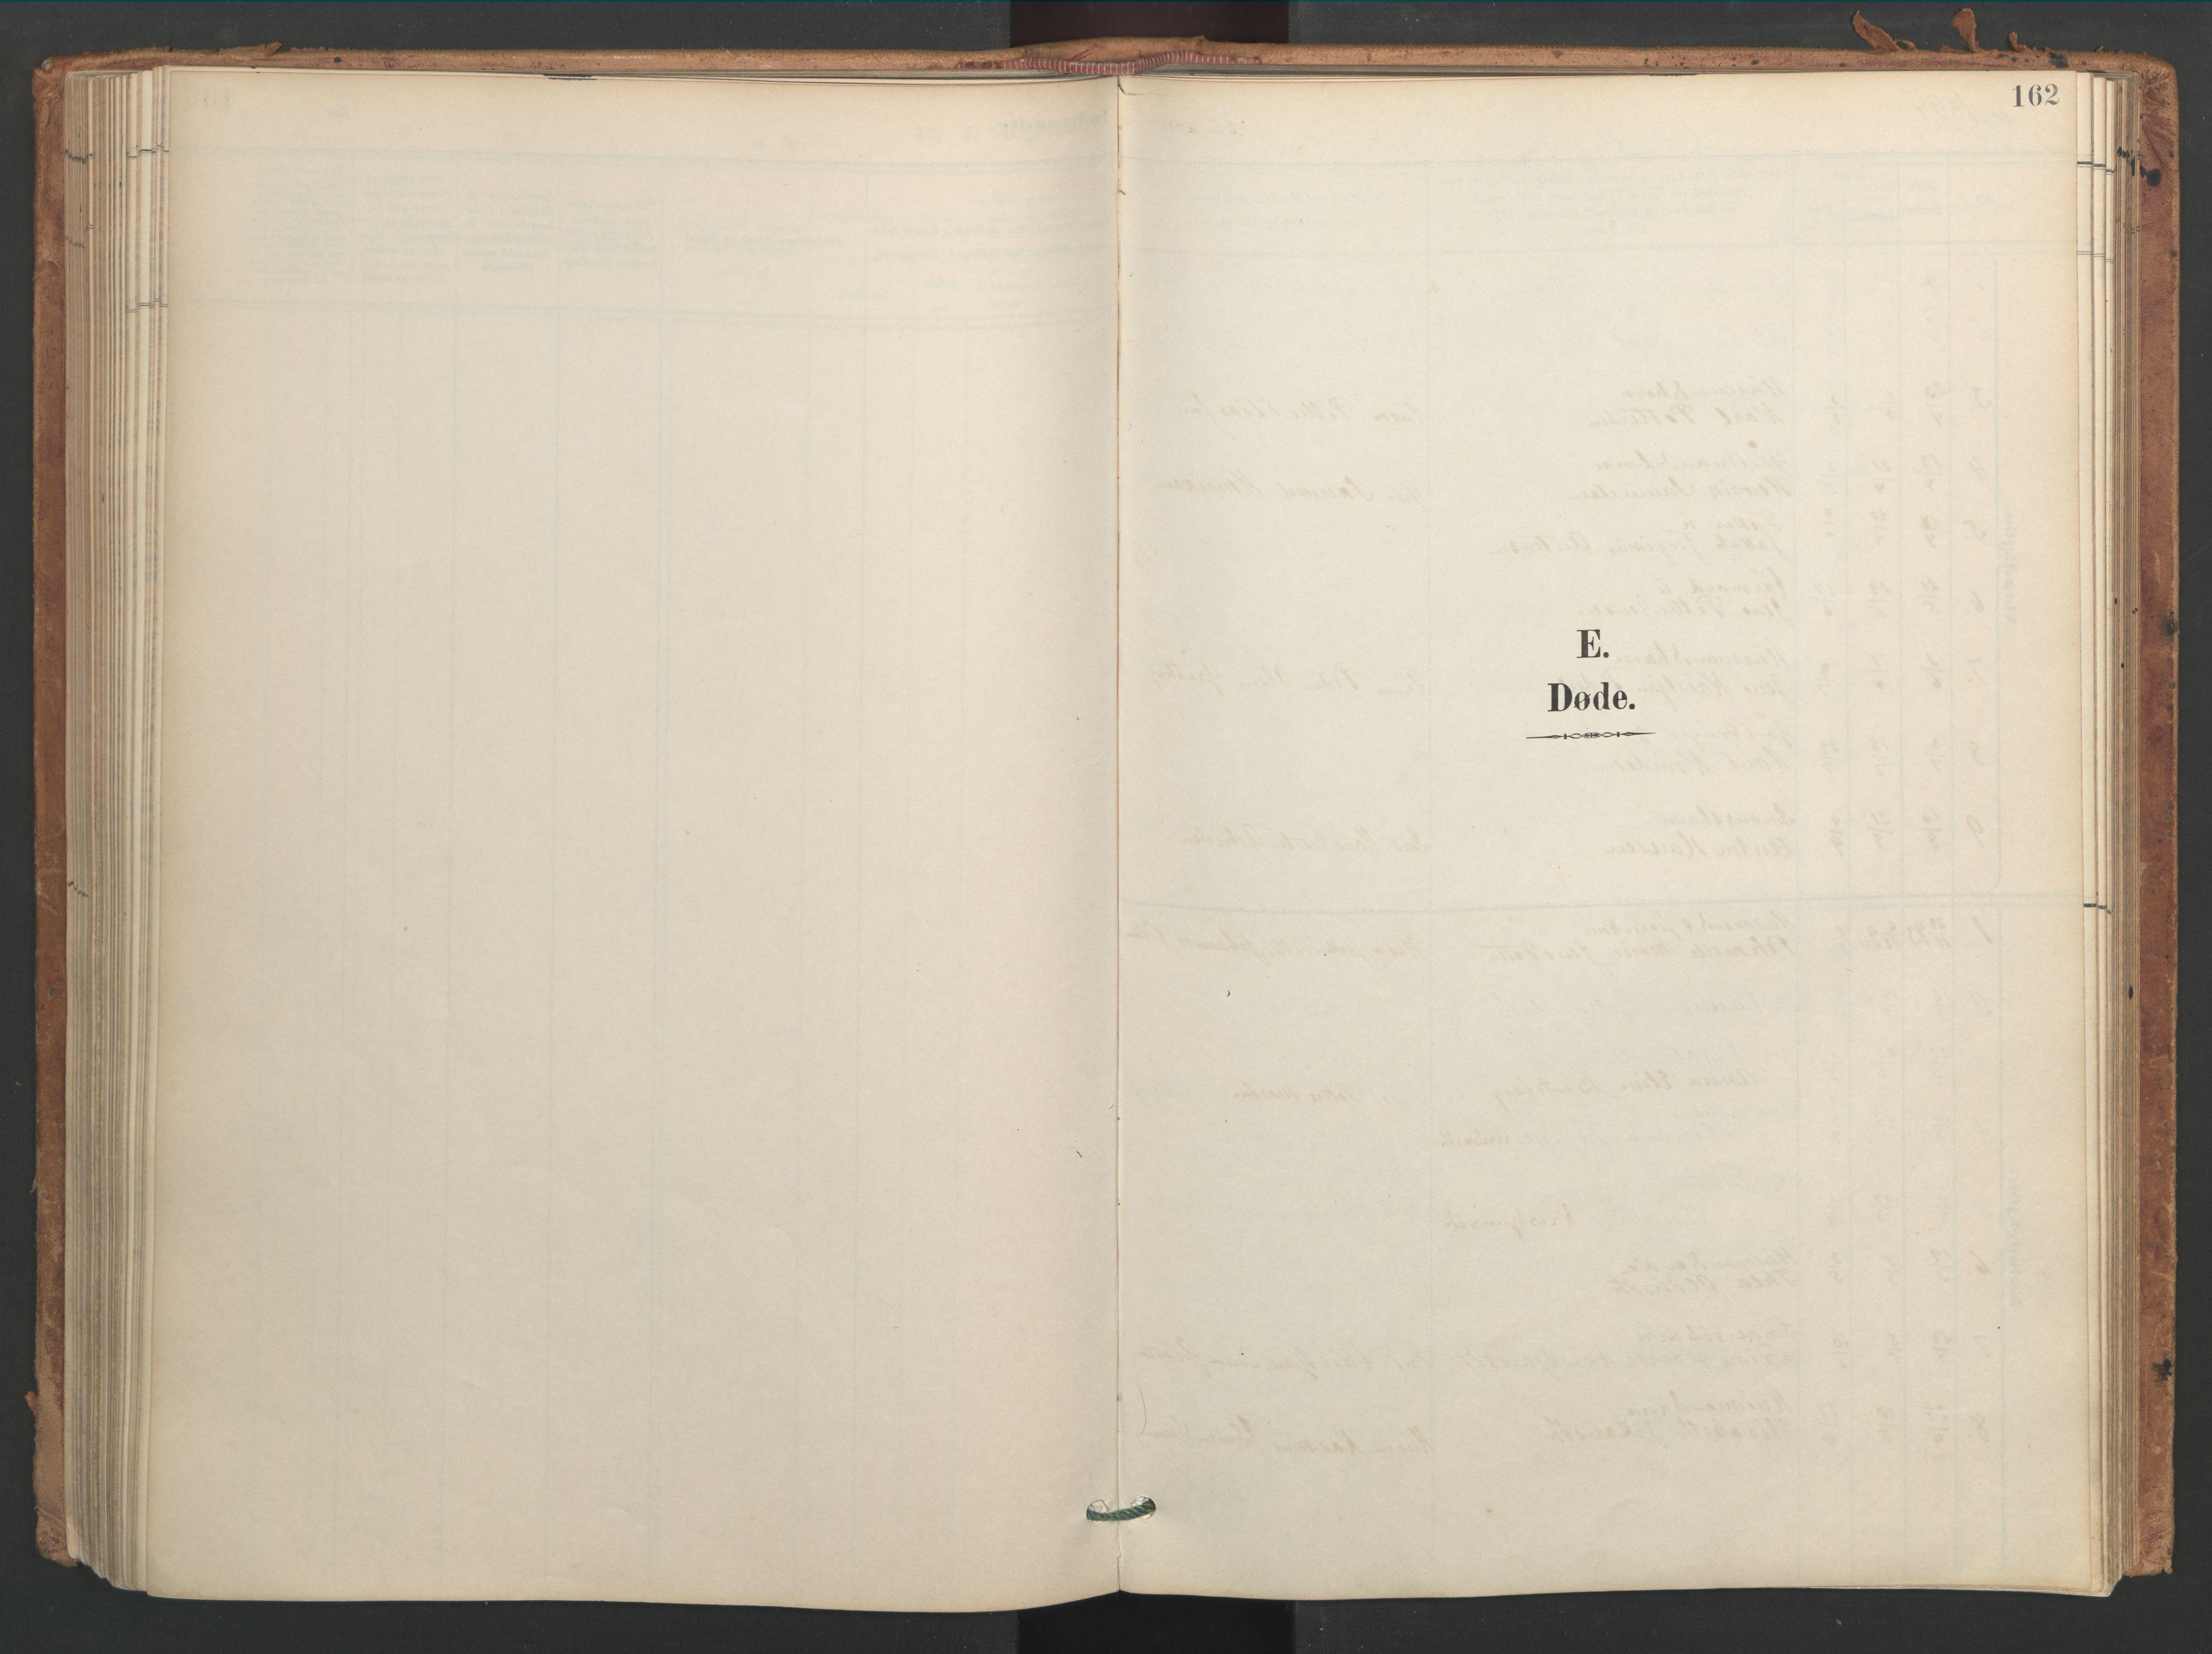 SAT, Ministerialprotokoller, klokkerbøker og fødselsregistre - Sør-Trøndelag, 656/L0693: Ministerialbok nr. 656A02, 1894-1913, s. 162